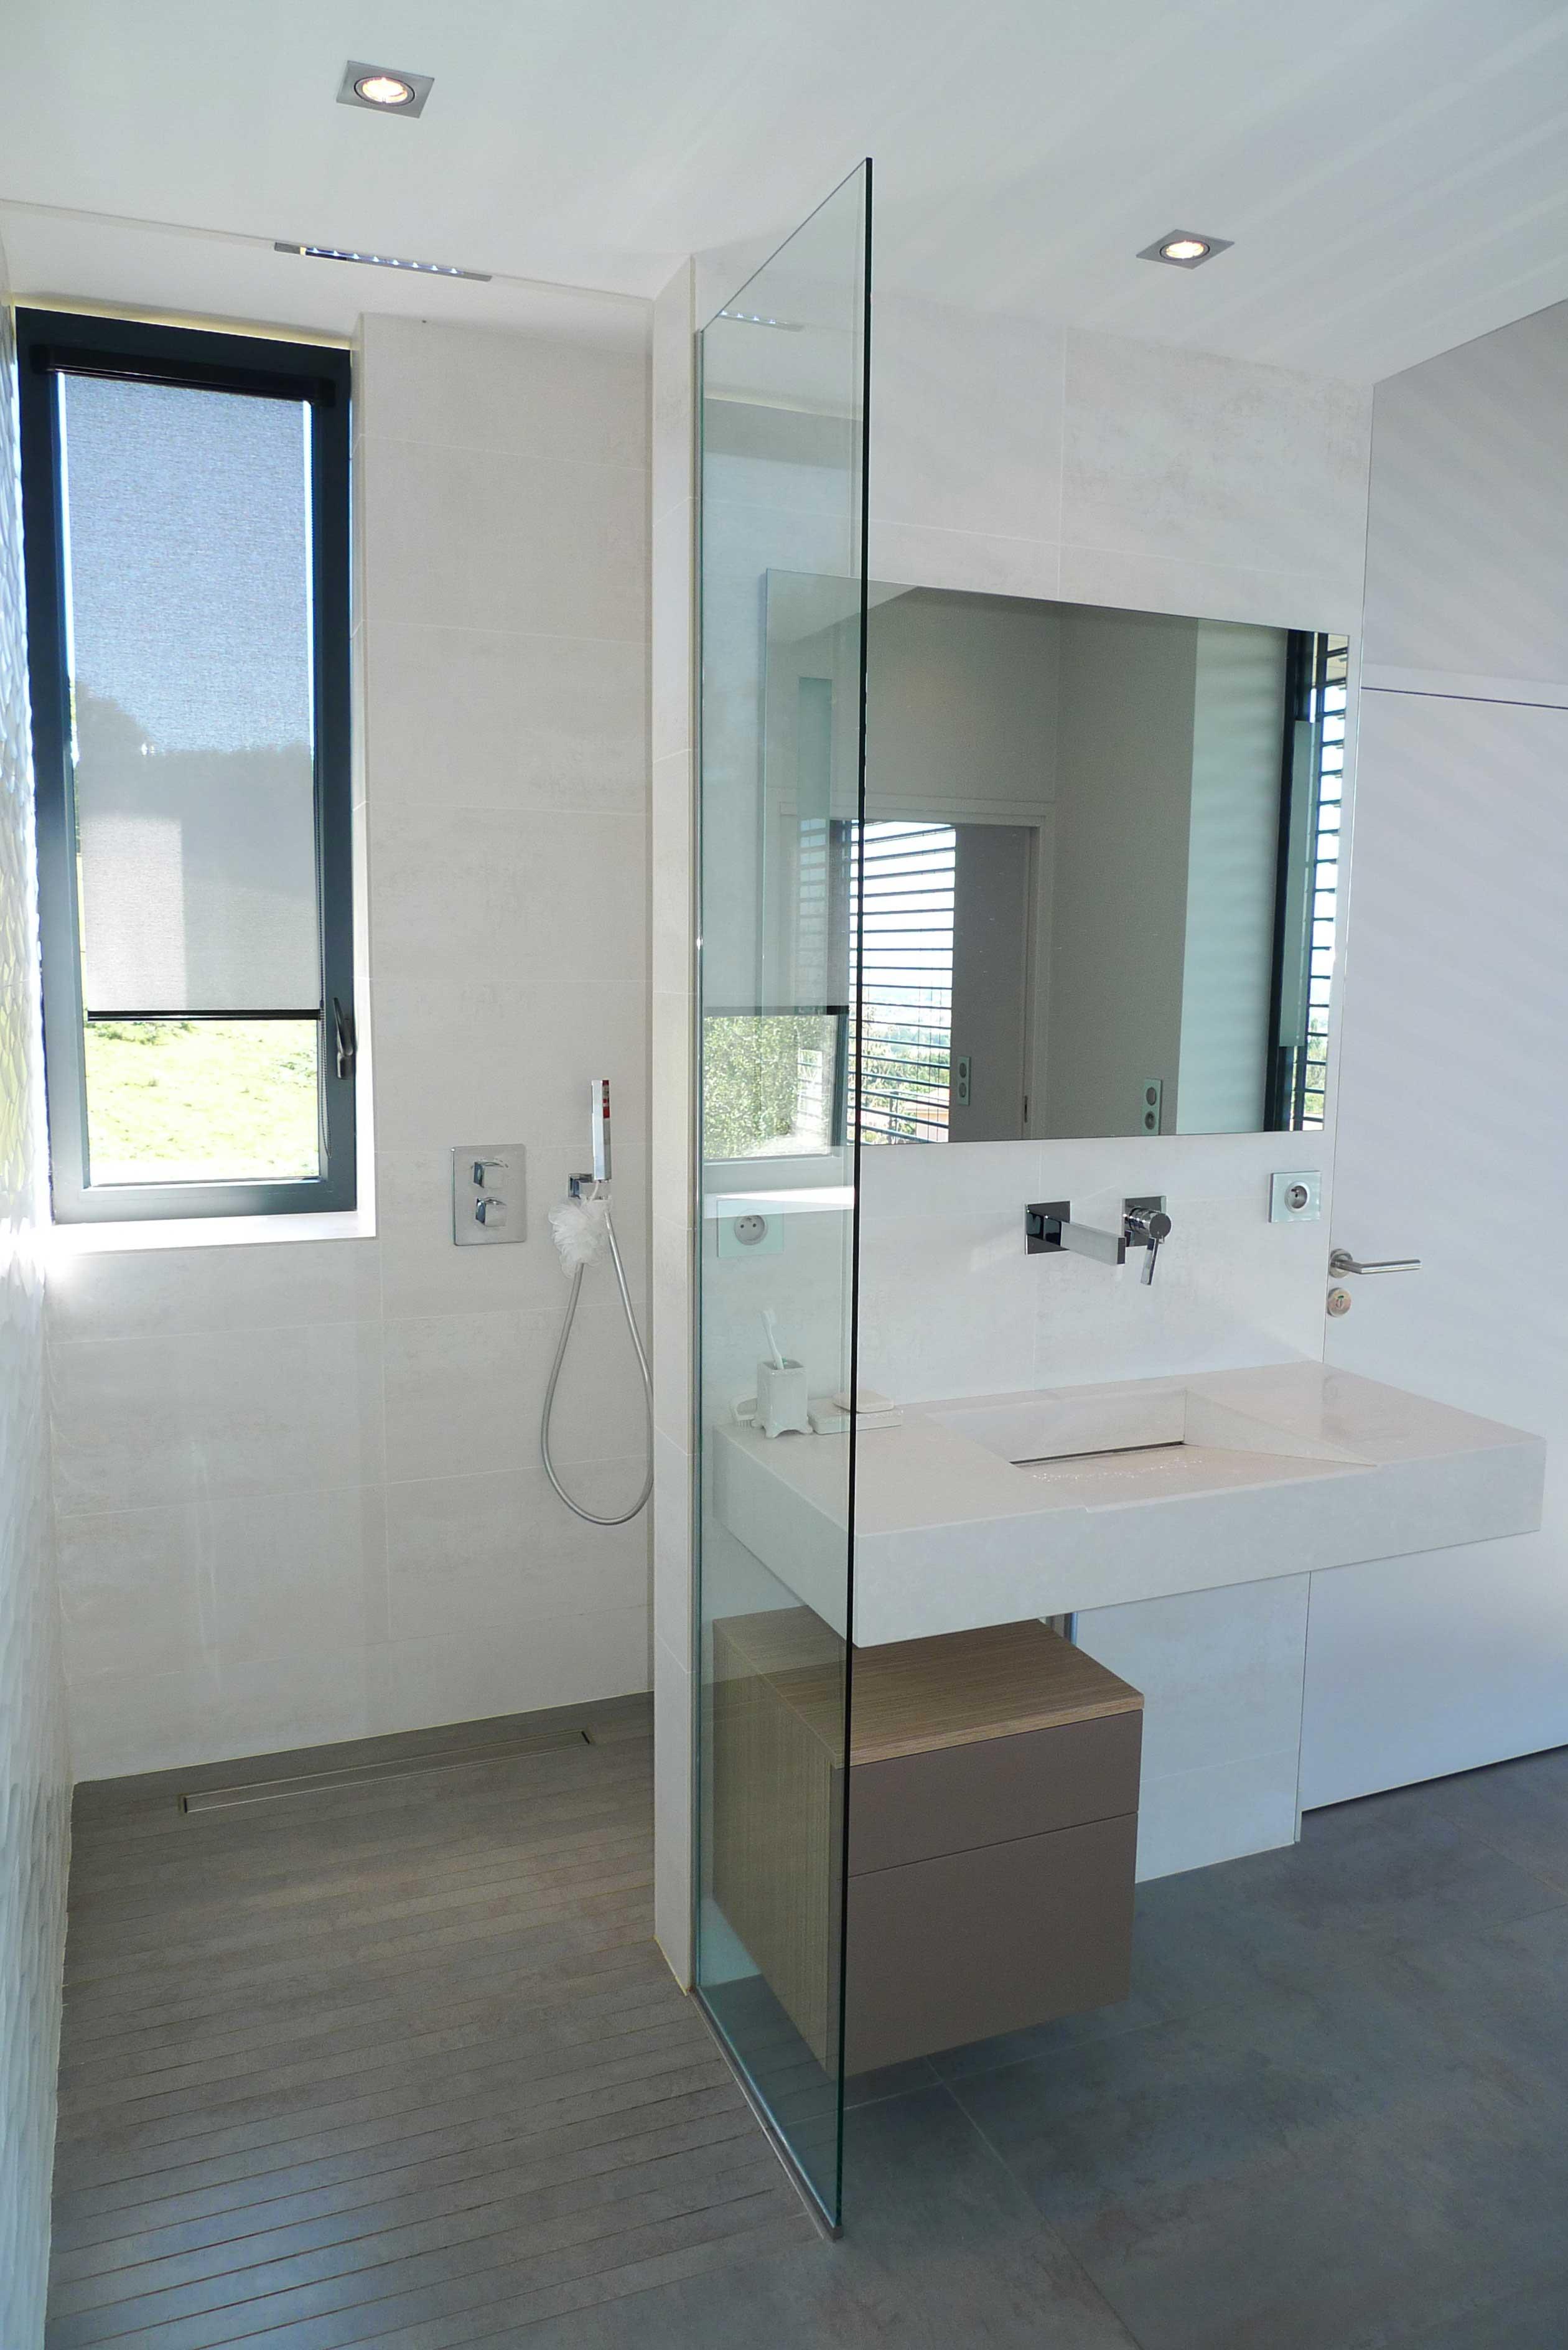 rbconcept-villa-p-douche-salle-d-eau